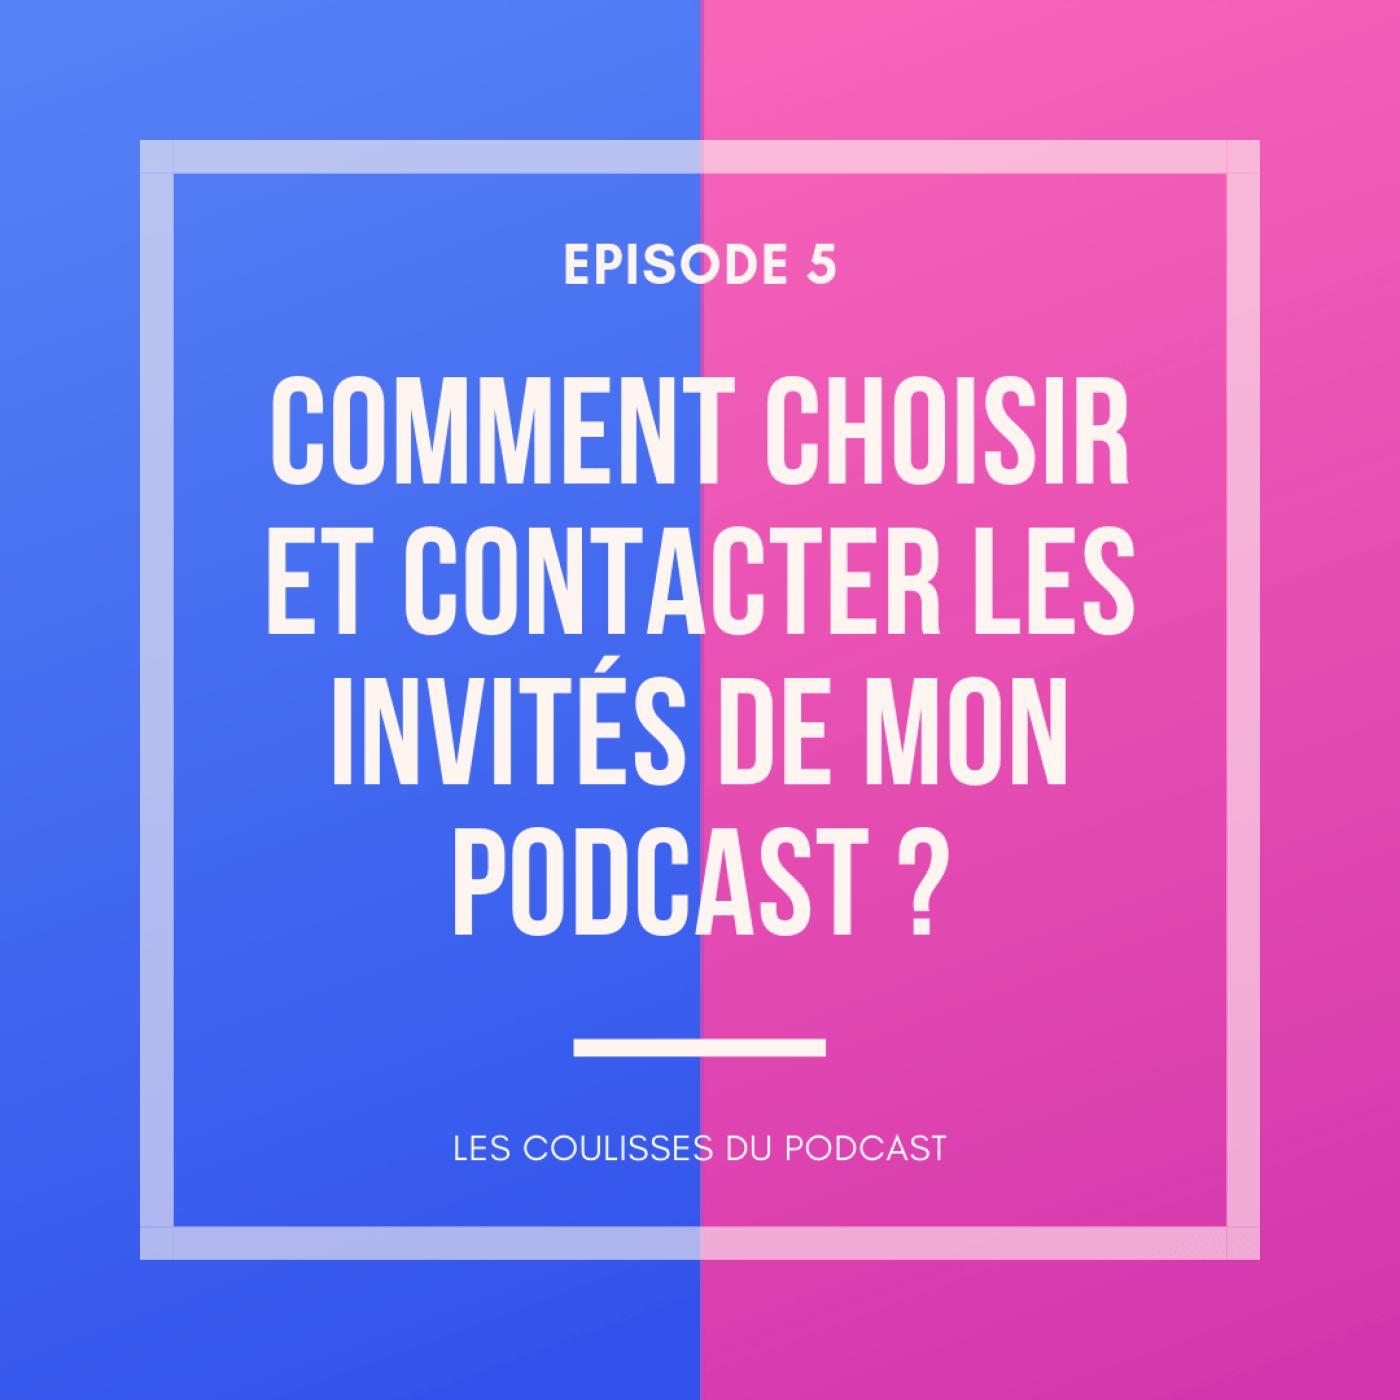 Comment choisir et contacter les invités de mon podcast